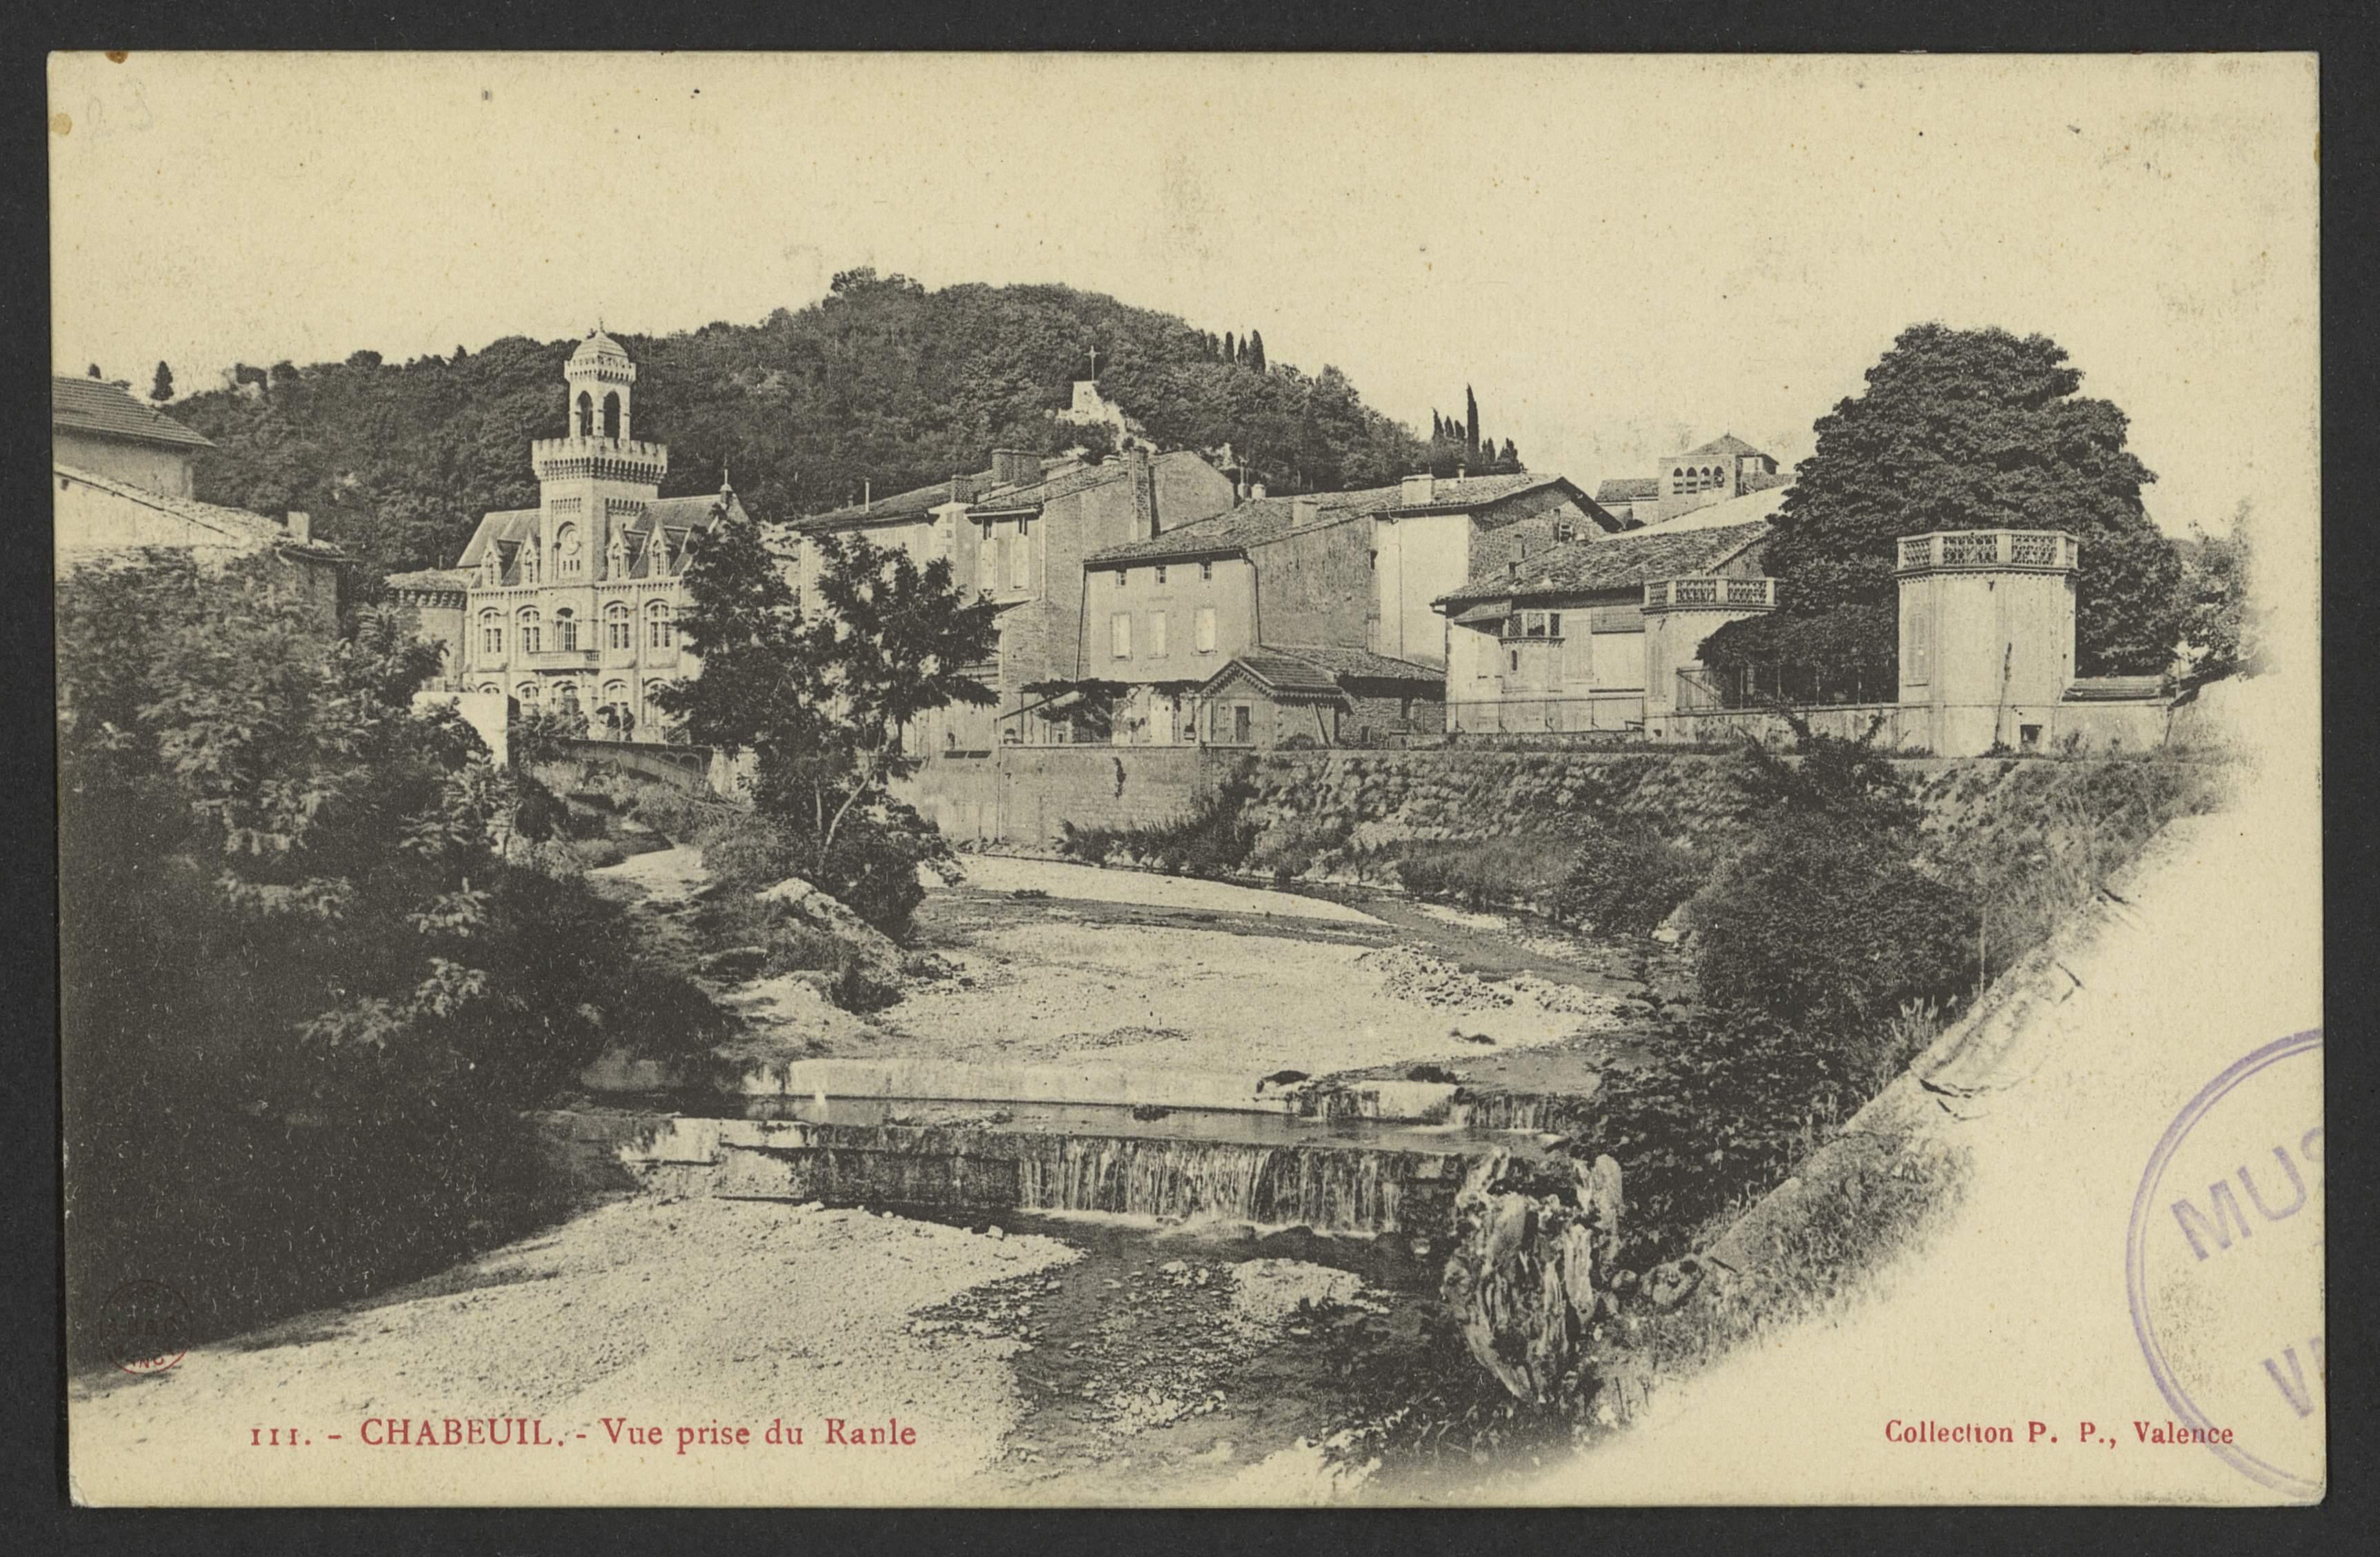 Chabeuil, - Vue prise du Ranle